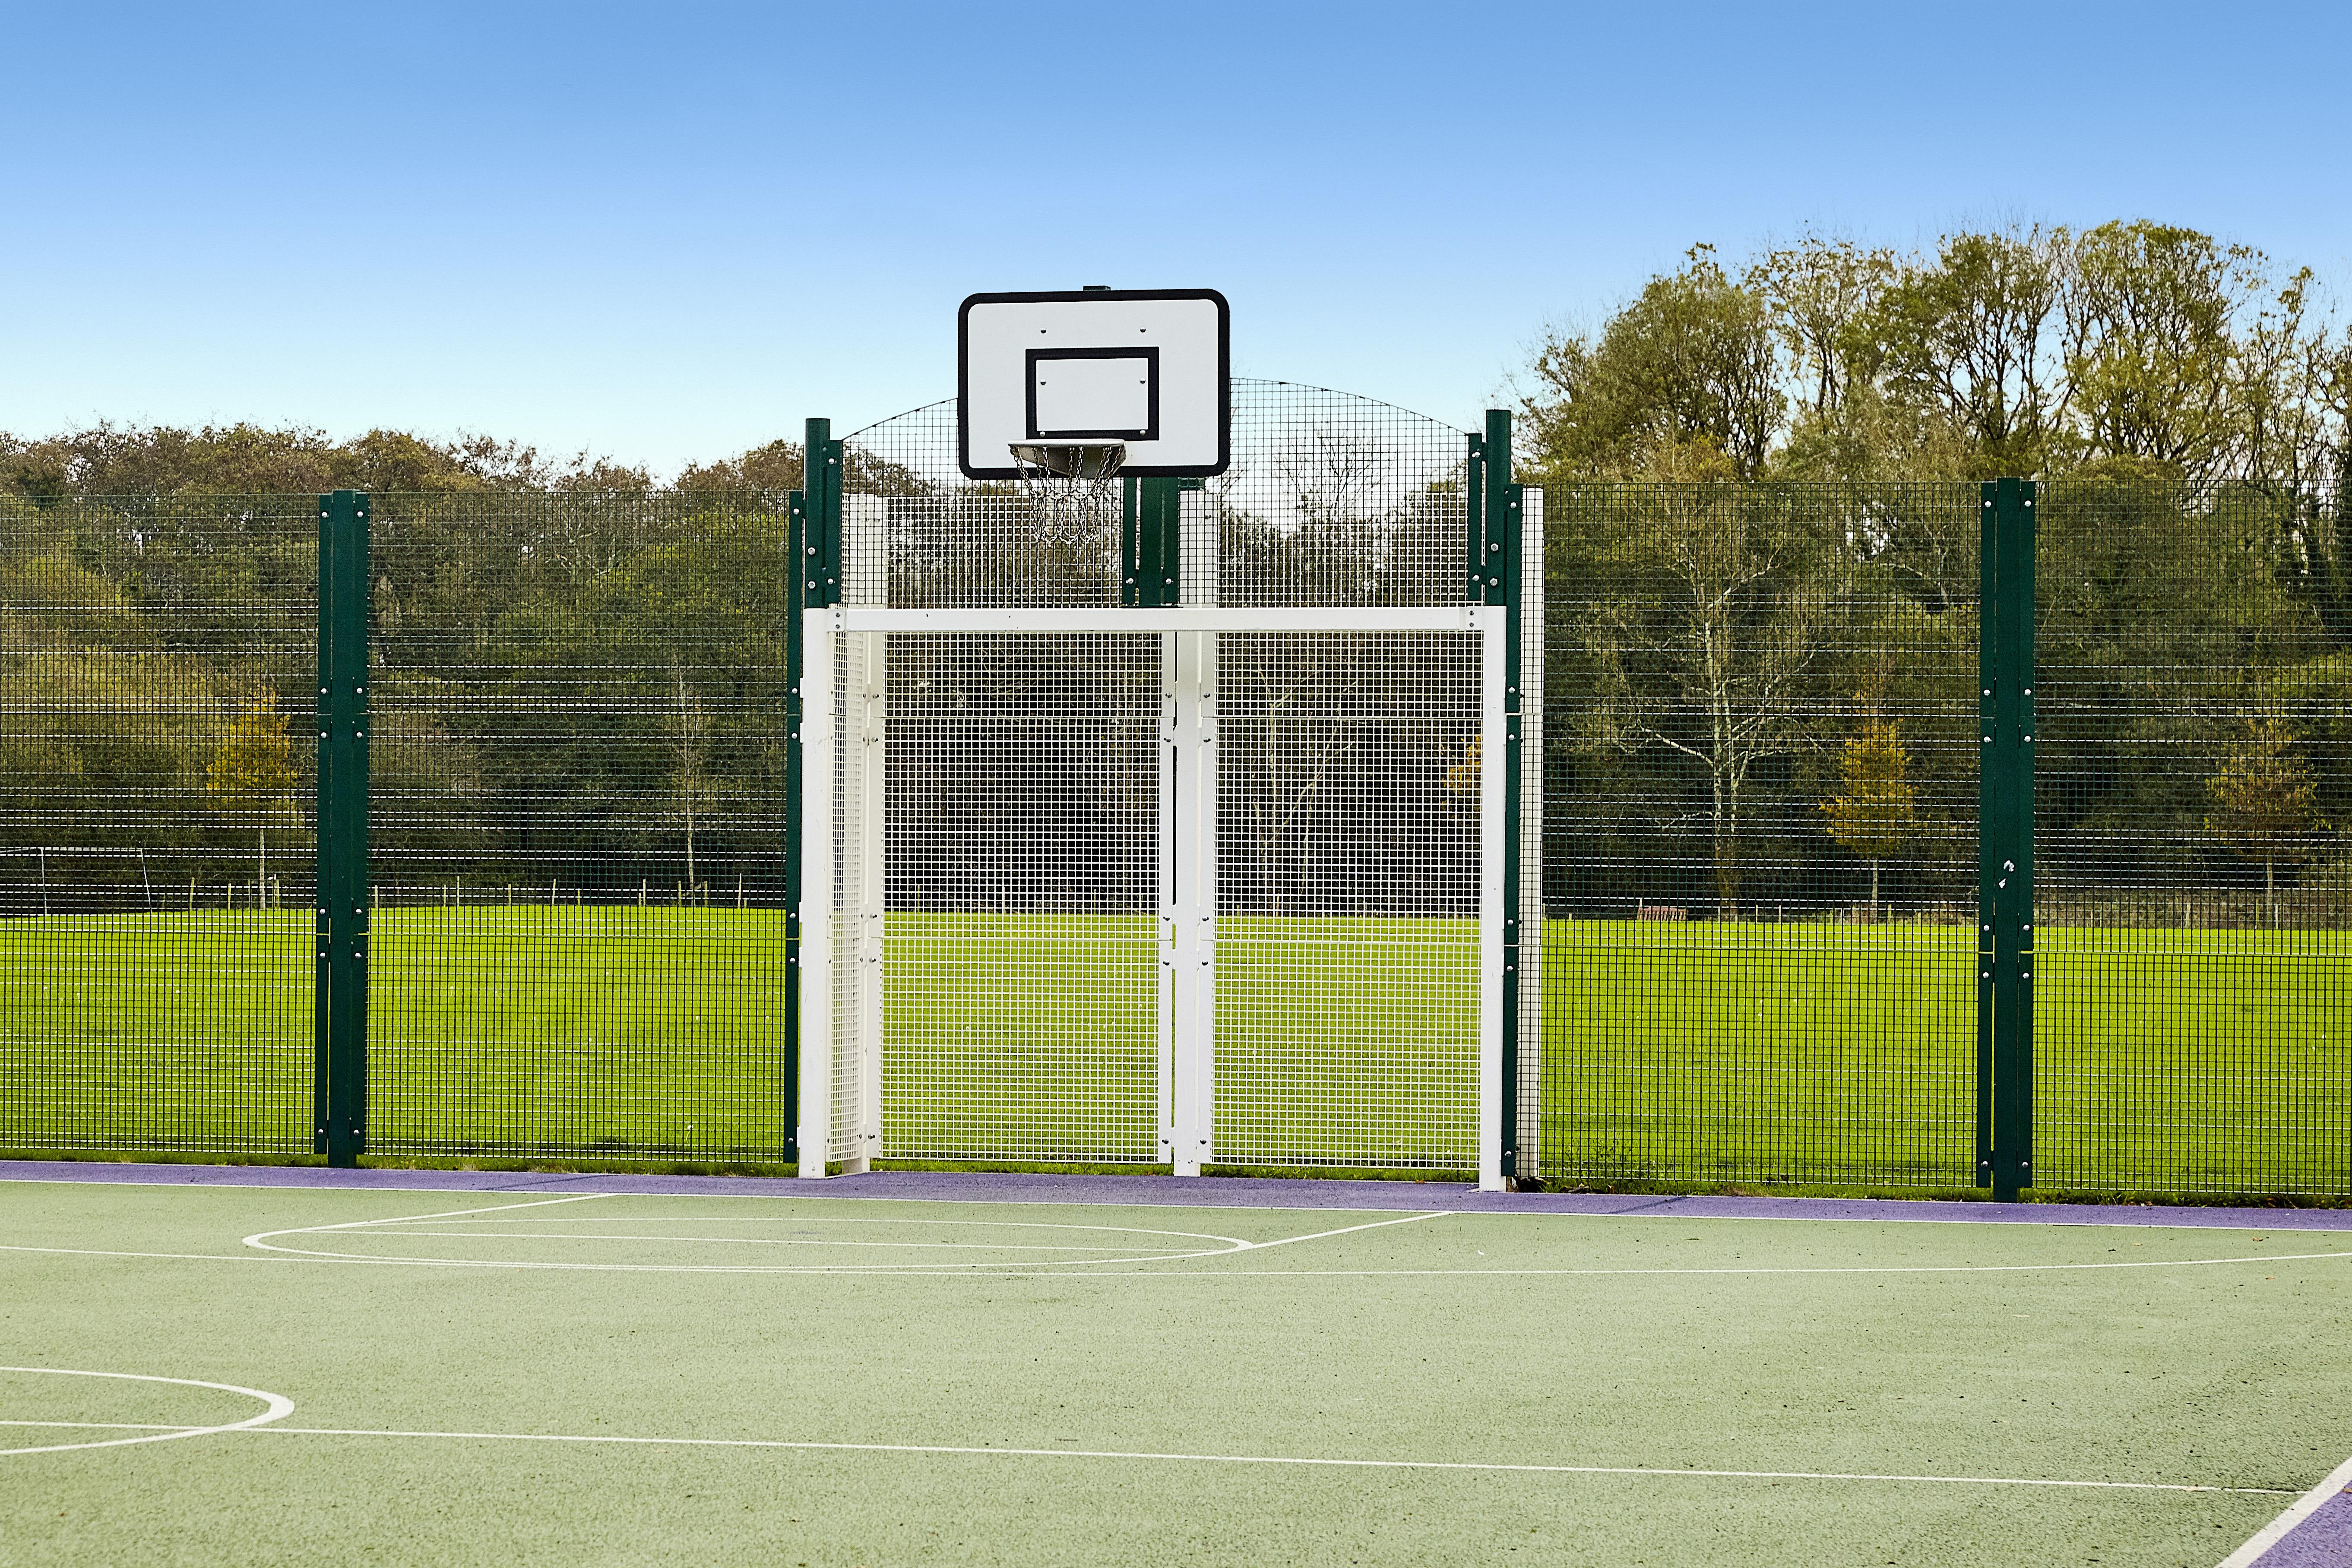 Fencing, mesh fencing, pitch fencing, gaa fencing, security fencing, perimeter fencing, daniel whelan fencing, mesh fencing supplier